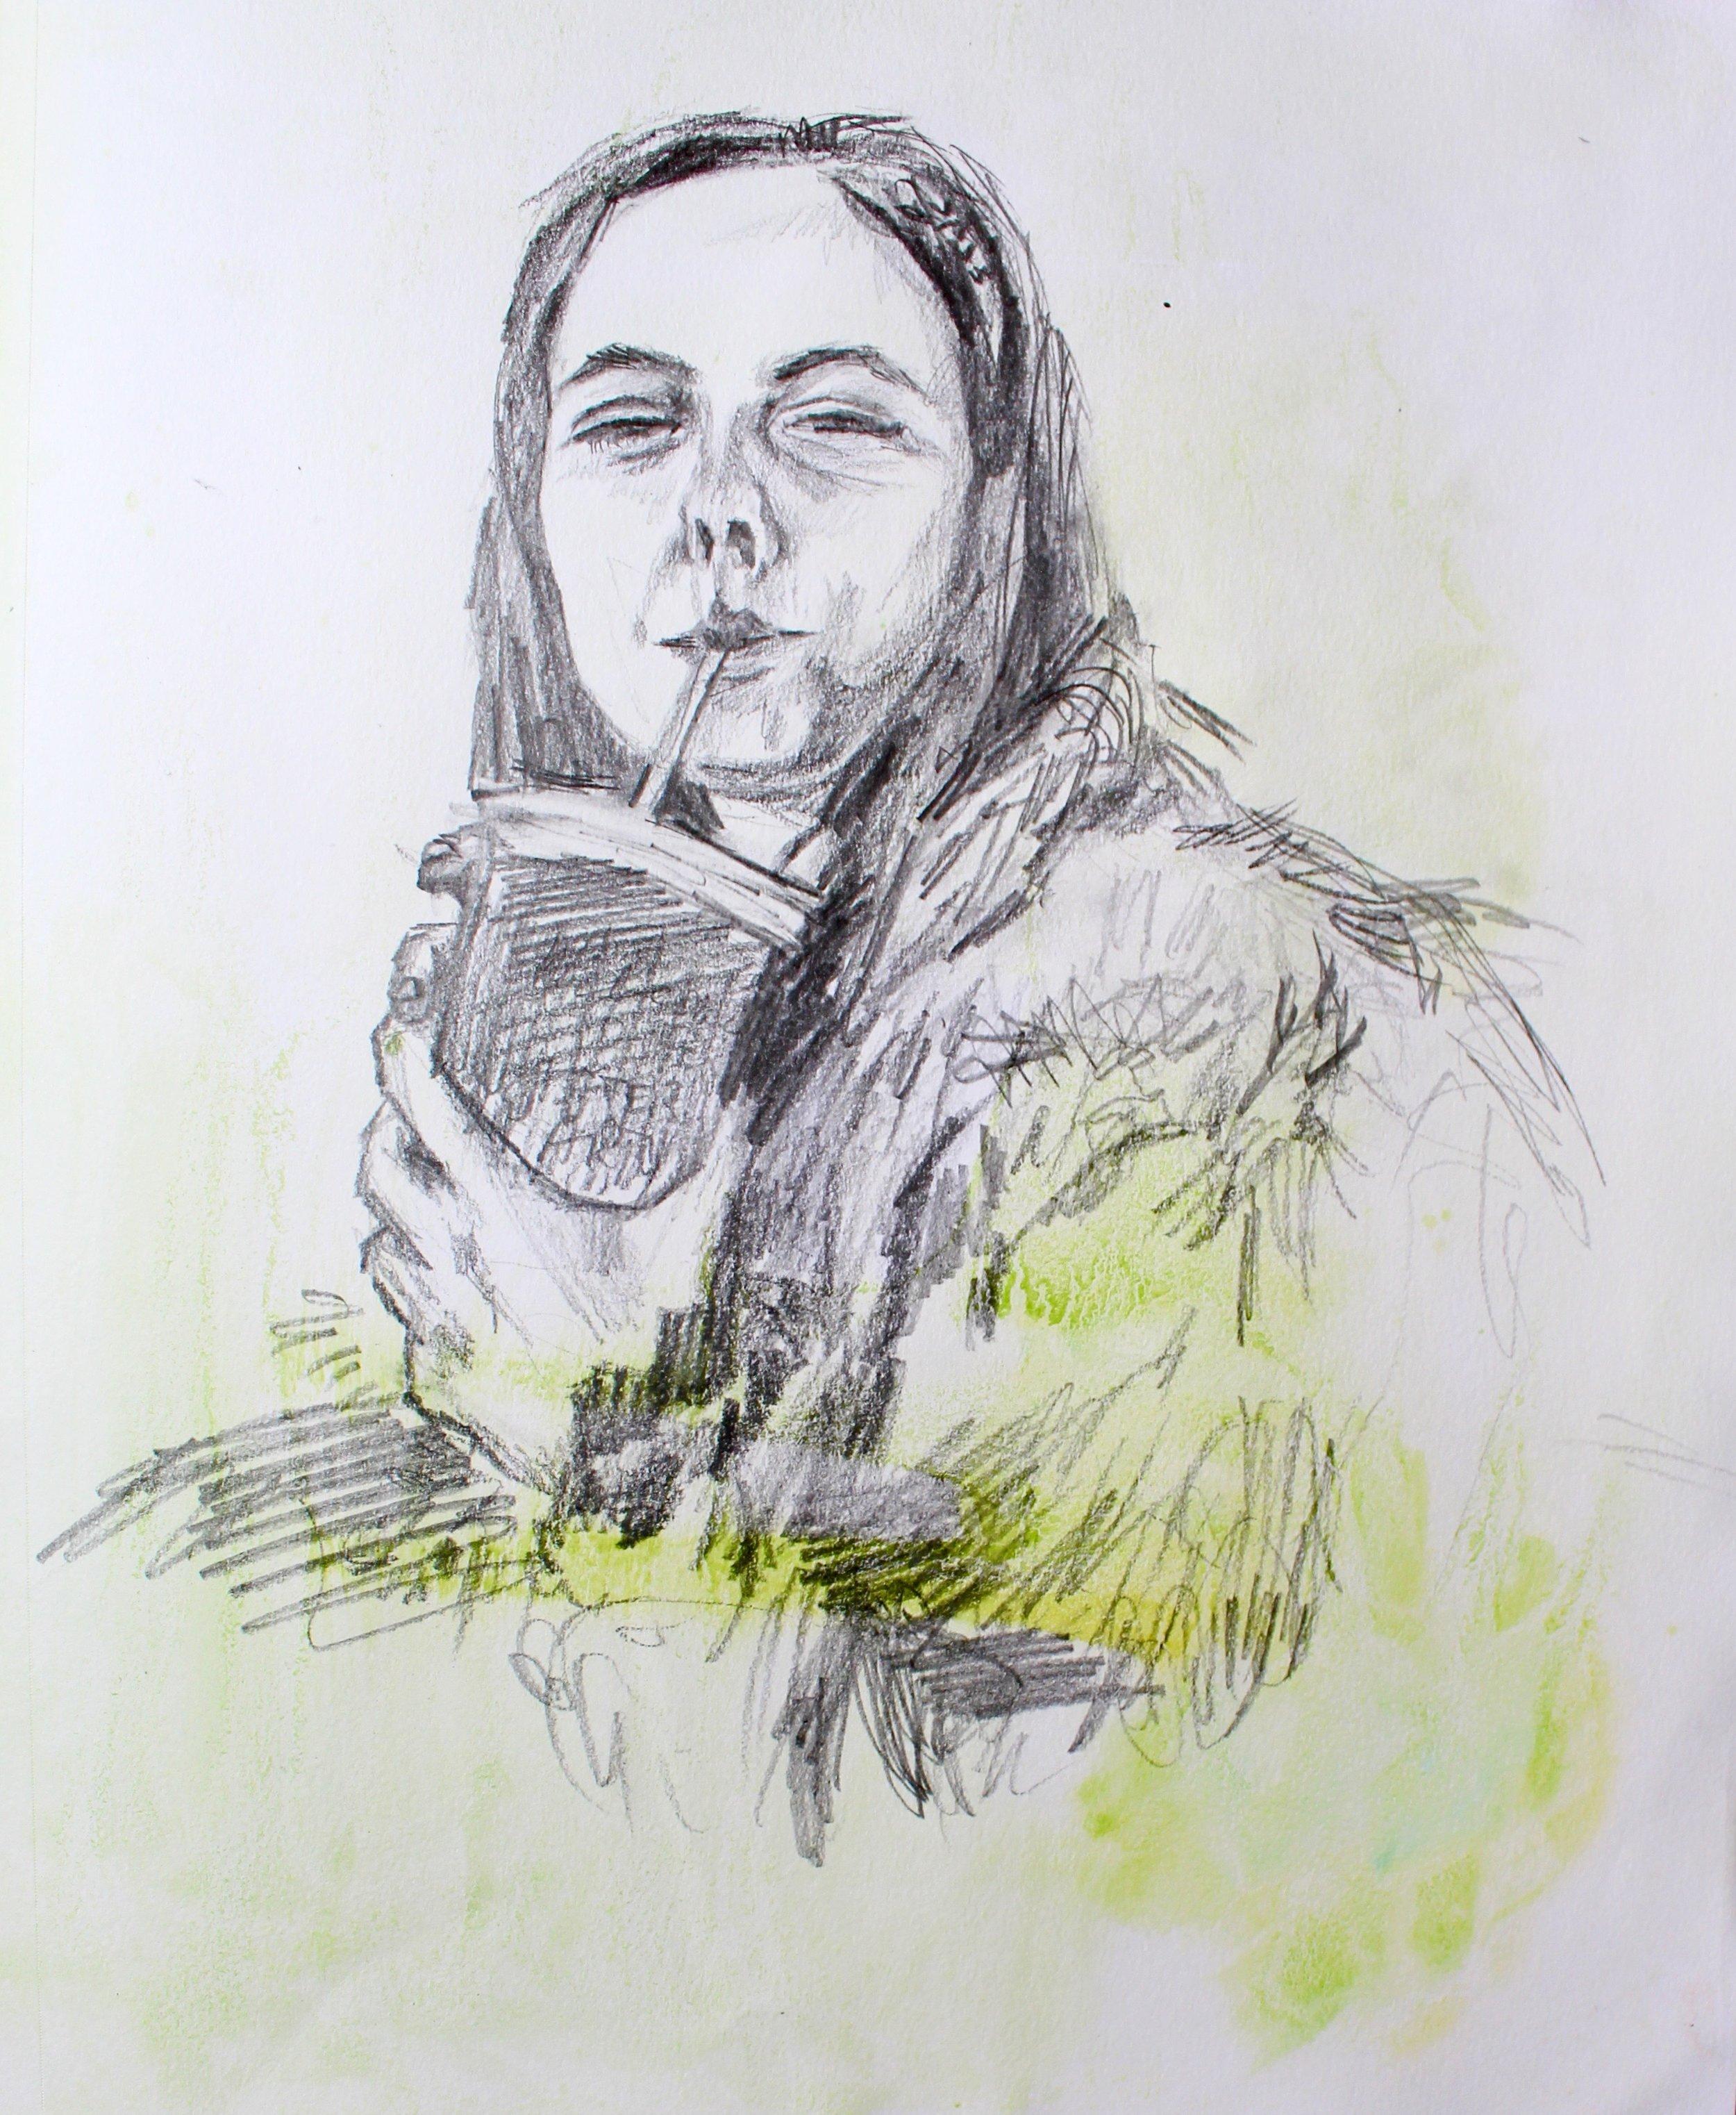 Graphite & Watercolor